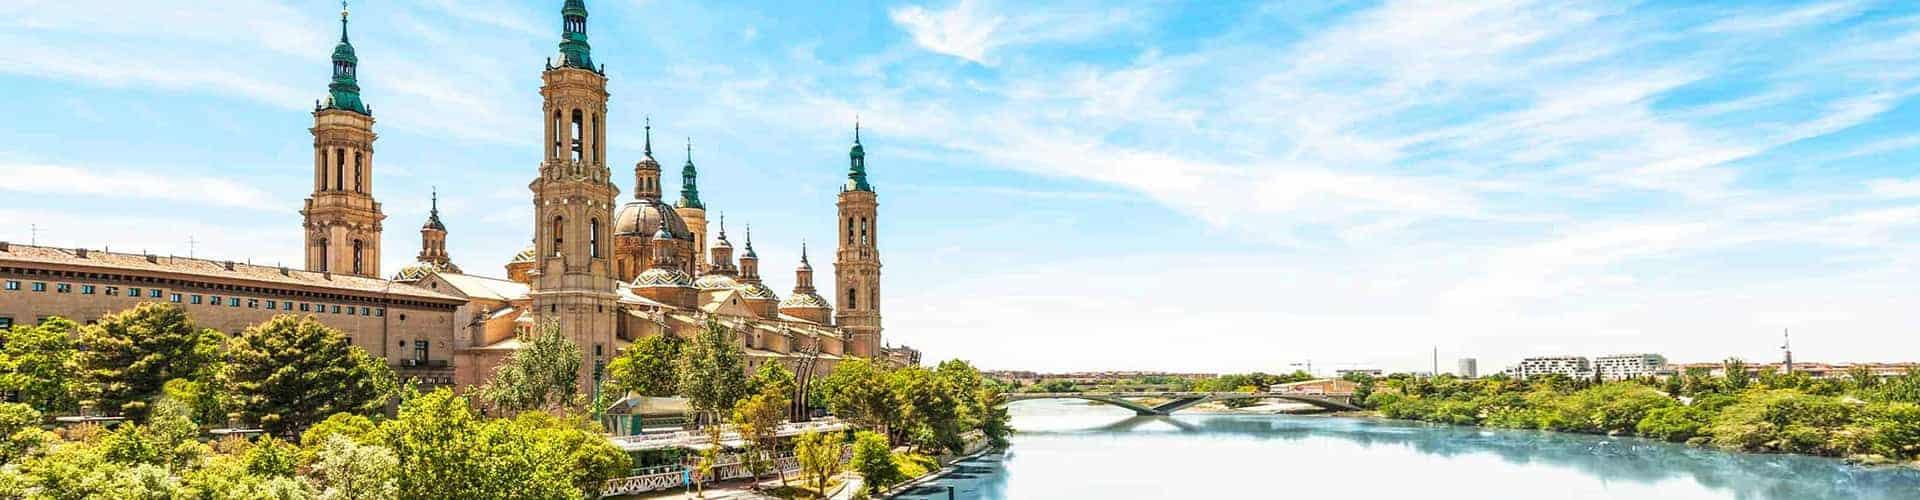 Free Tour Zaragoza - Turismo España